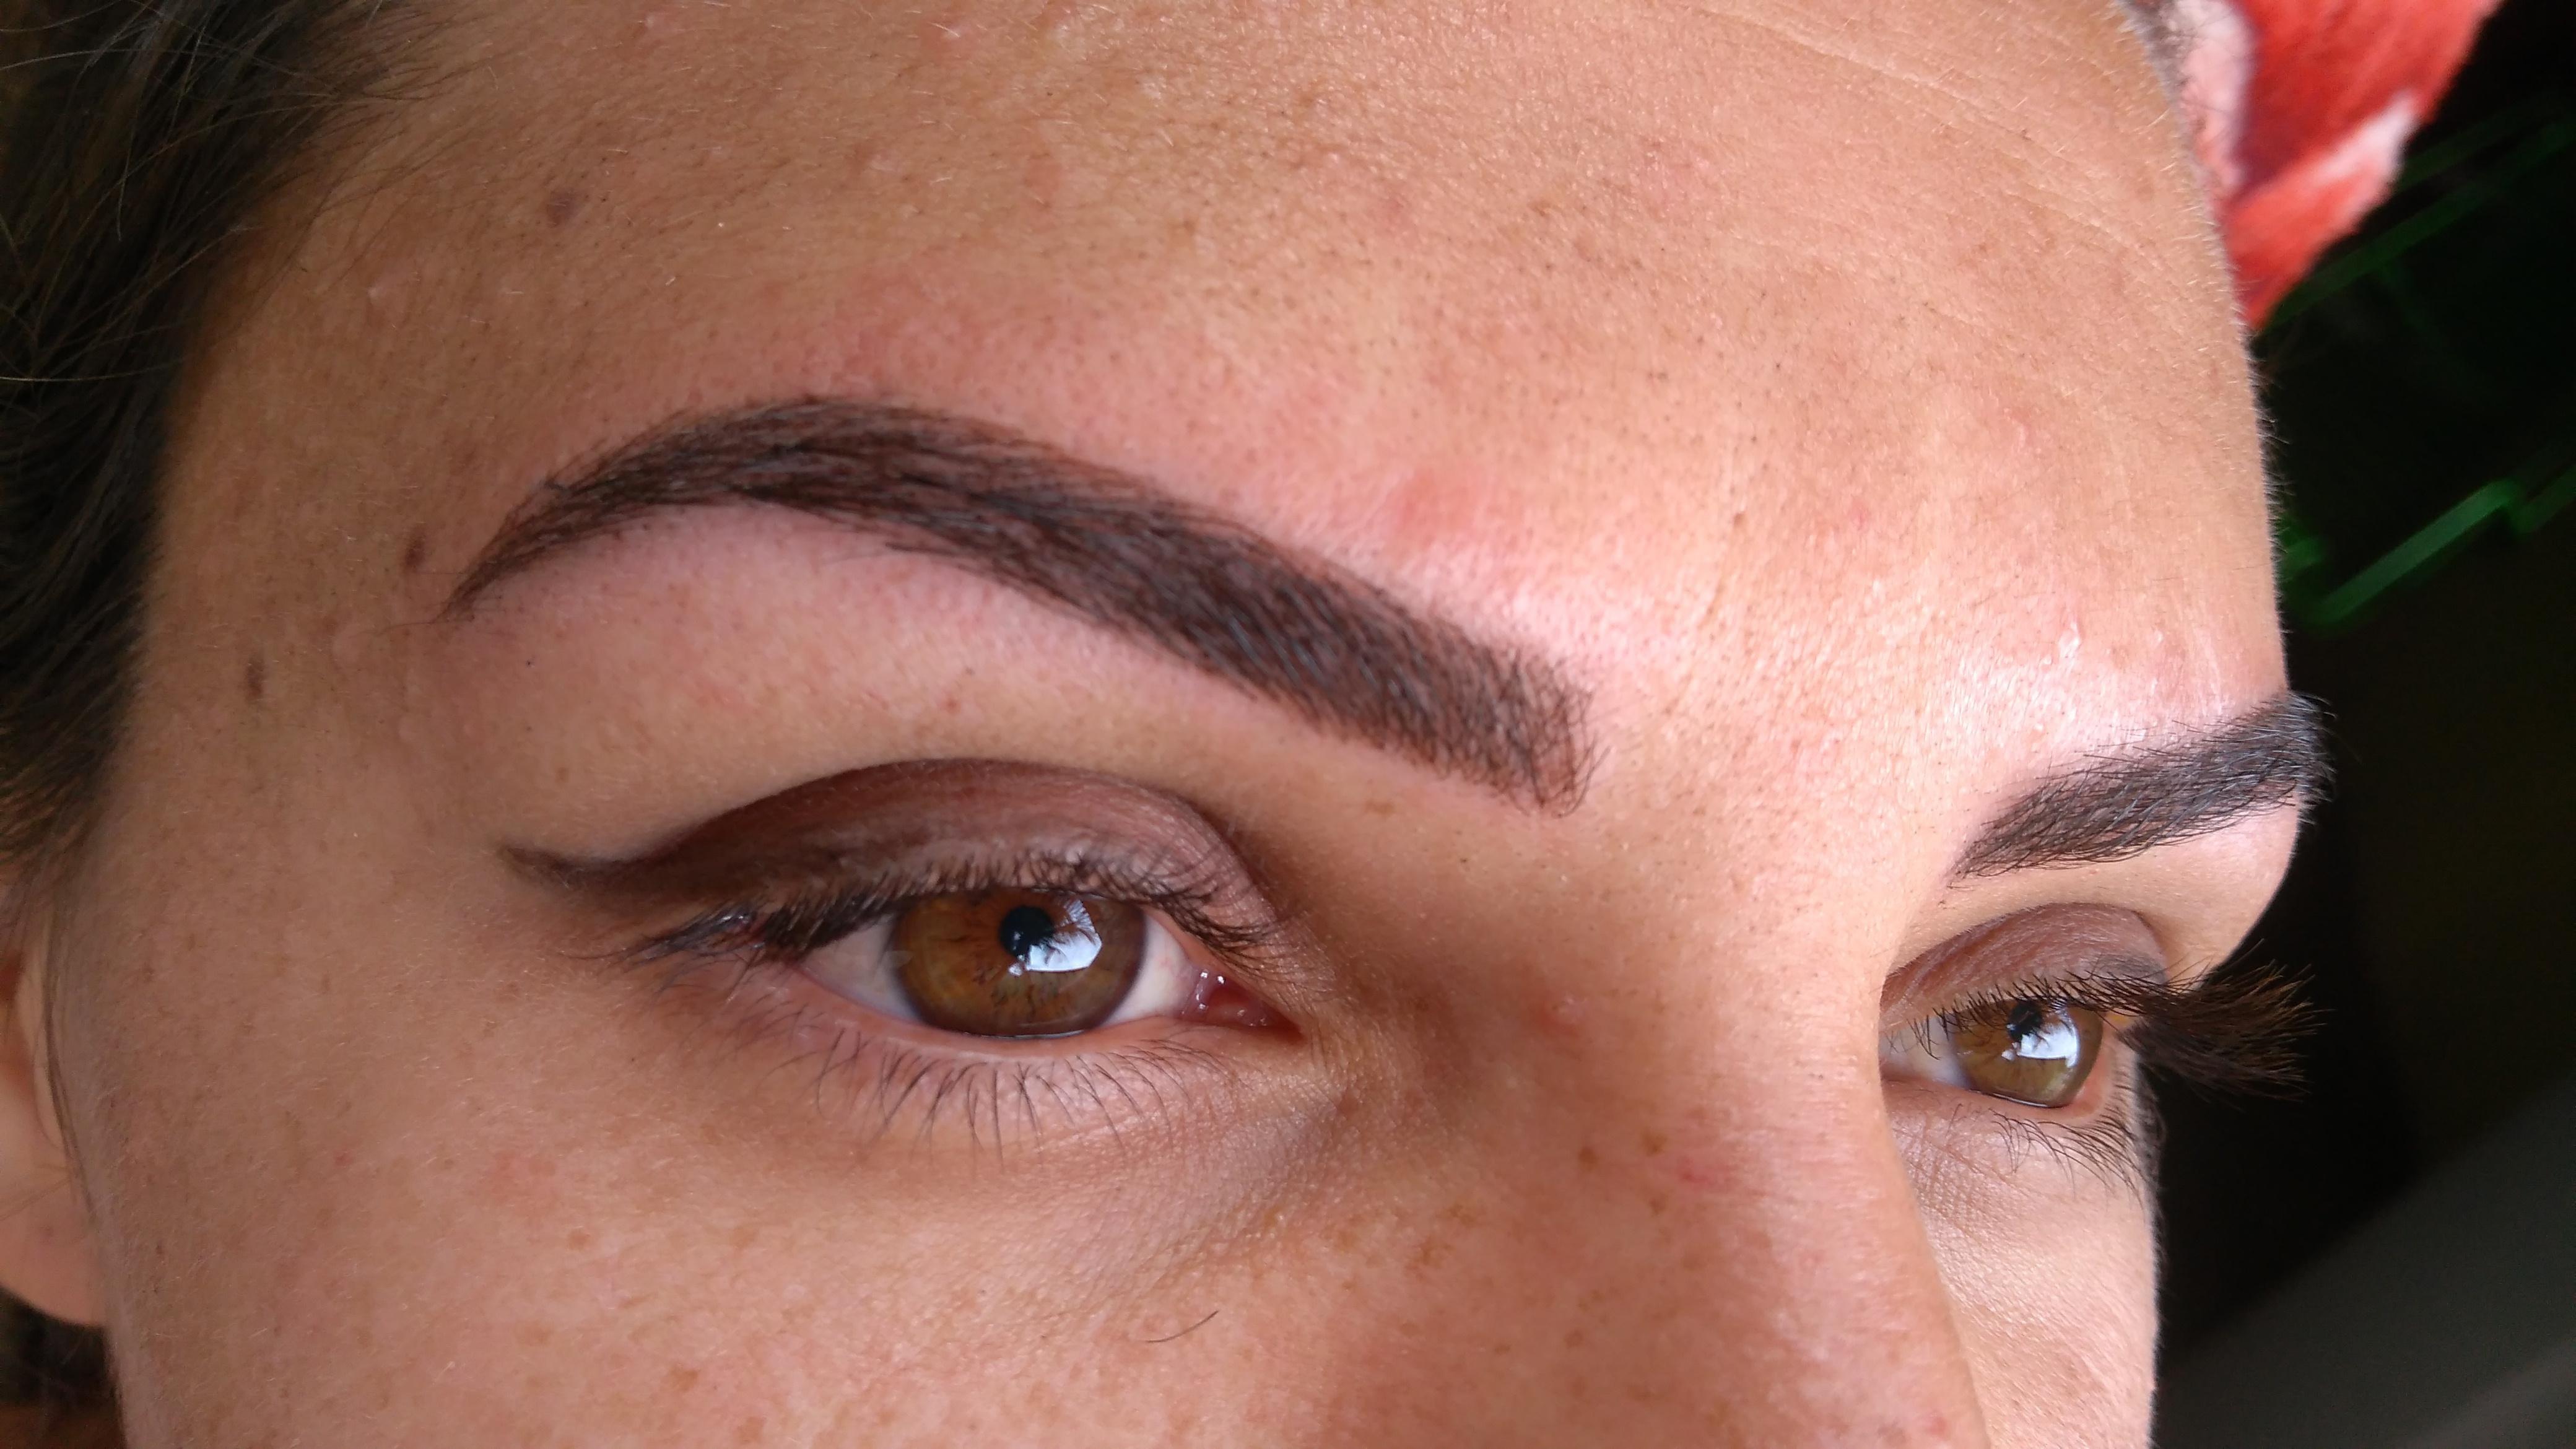 Sobrancelhas fio a fio maquiagem dermopigmentador(a) designer de sobrancelhas